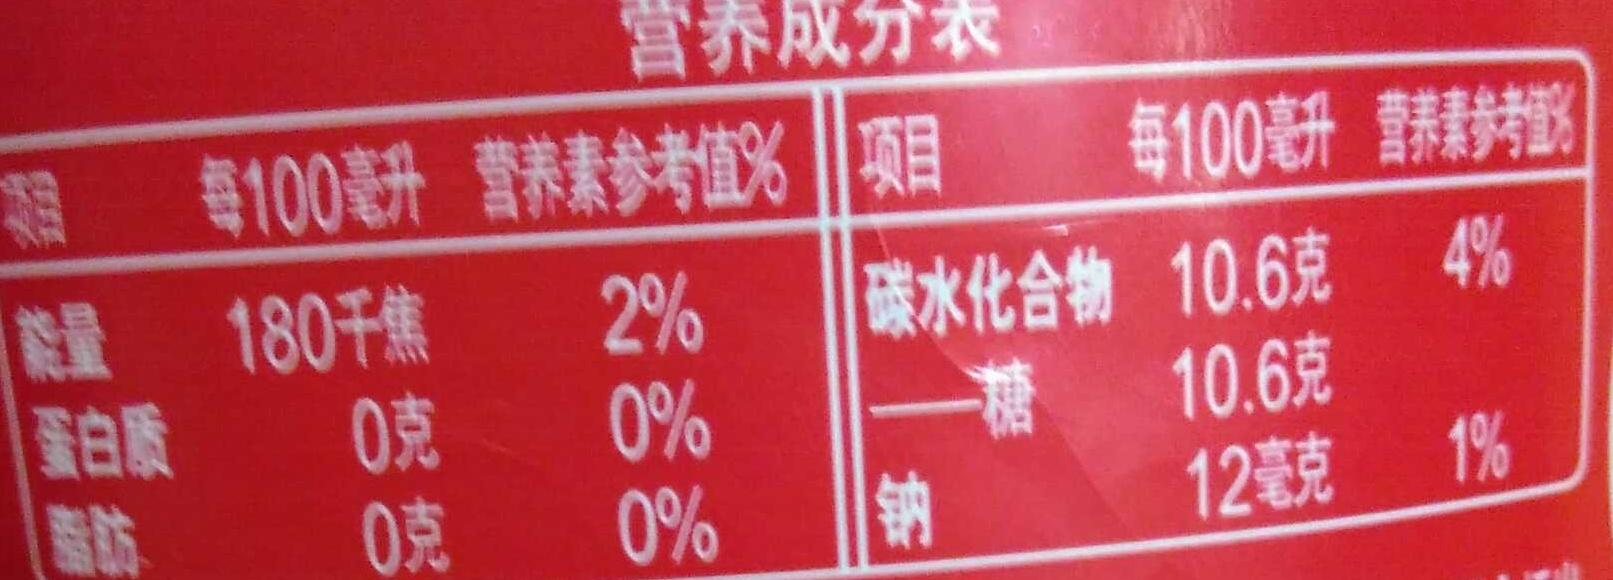 可口可乐汽水 - 营养成分 - zh